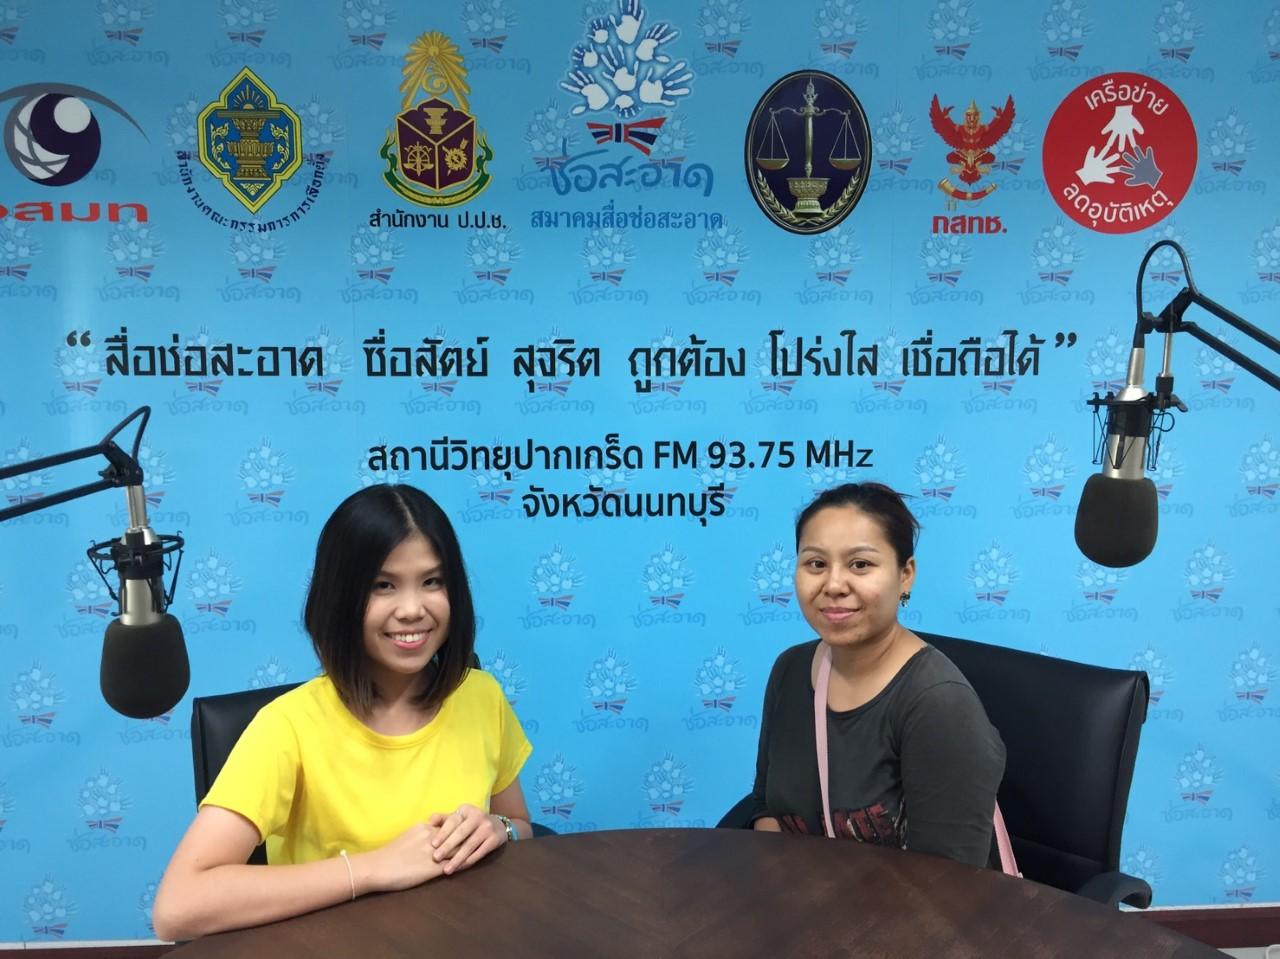 """รายการ """"คนไทยไม่ทนต่อการทุจริต"""" วันเสาร์ที่ 18 พฤษภาคม 2562 เวลา 18.30-19.00 น."""